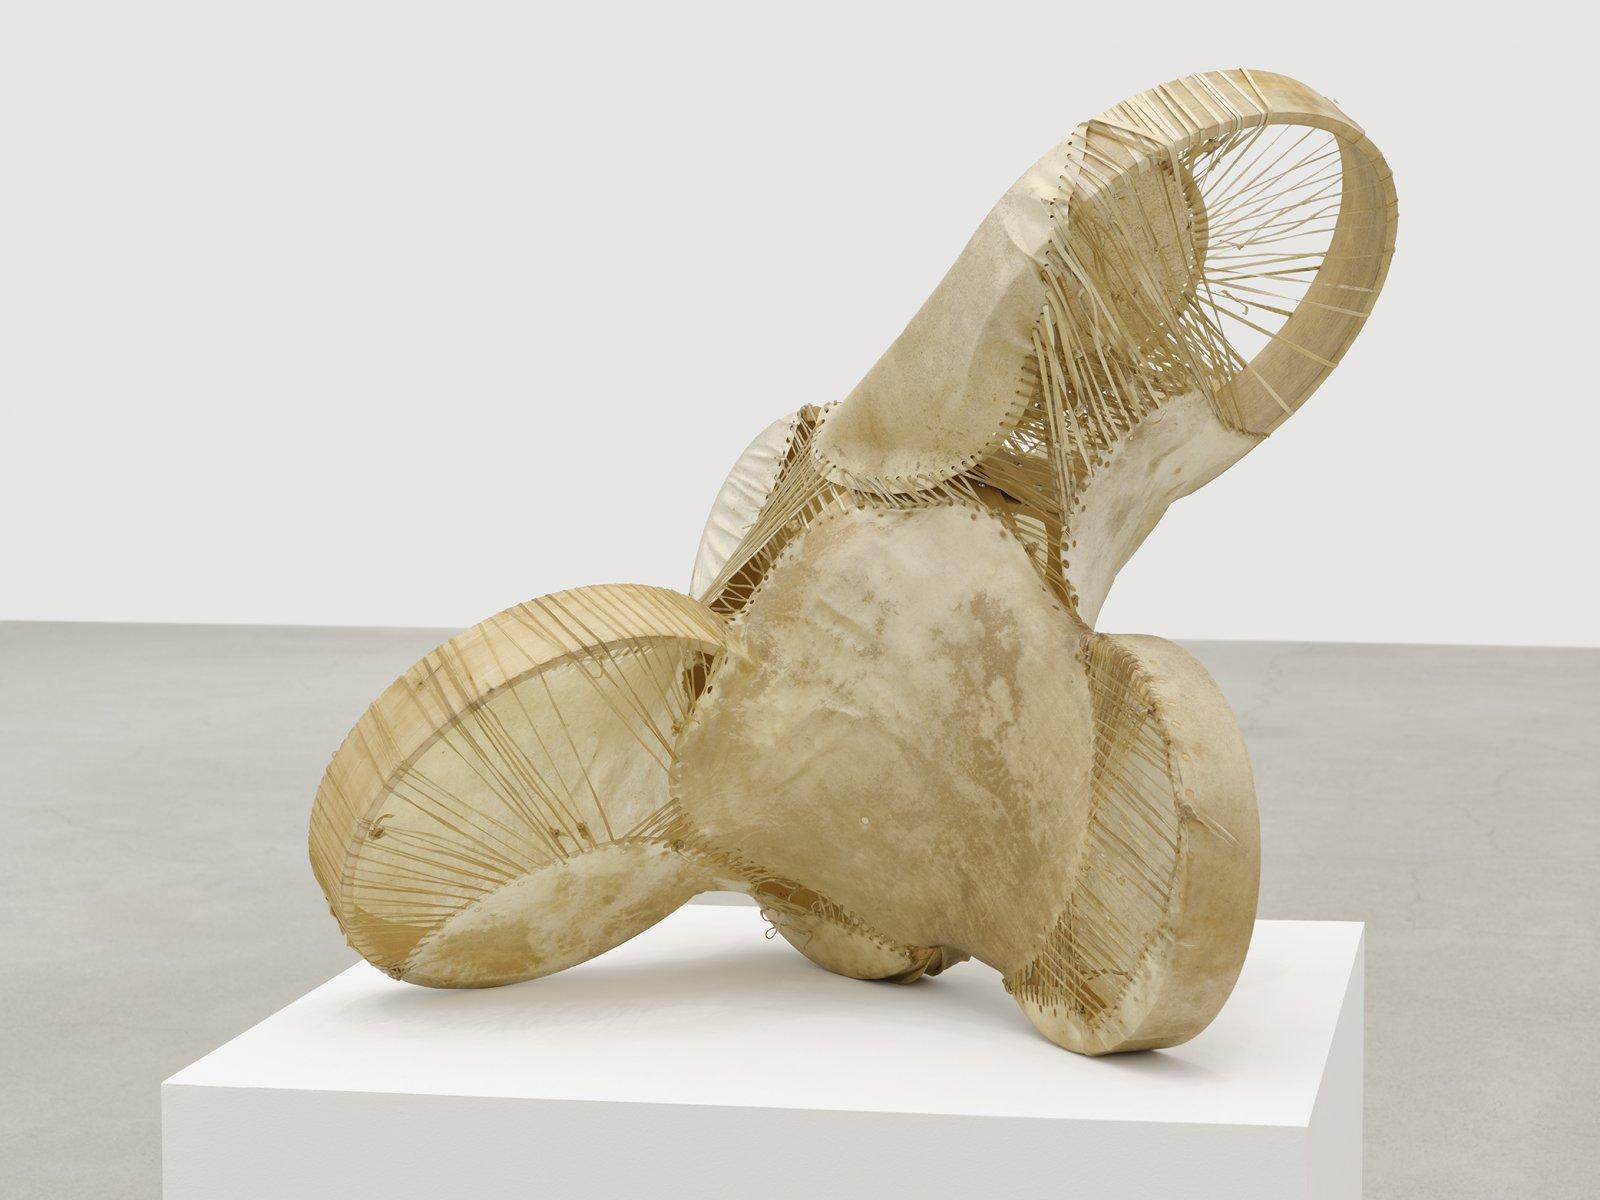 Brian Jungen, Sound Space 1, 2010, drum frames, hides, 24 x 36 x 24 in. (61 x 91 x 61 cm)